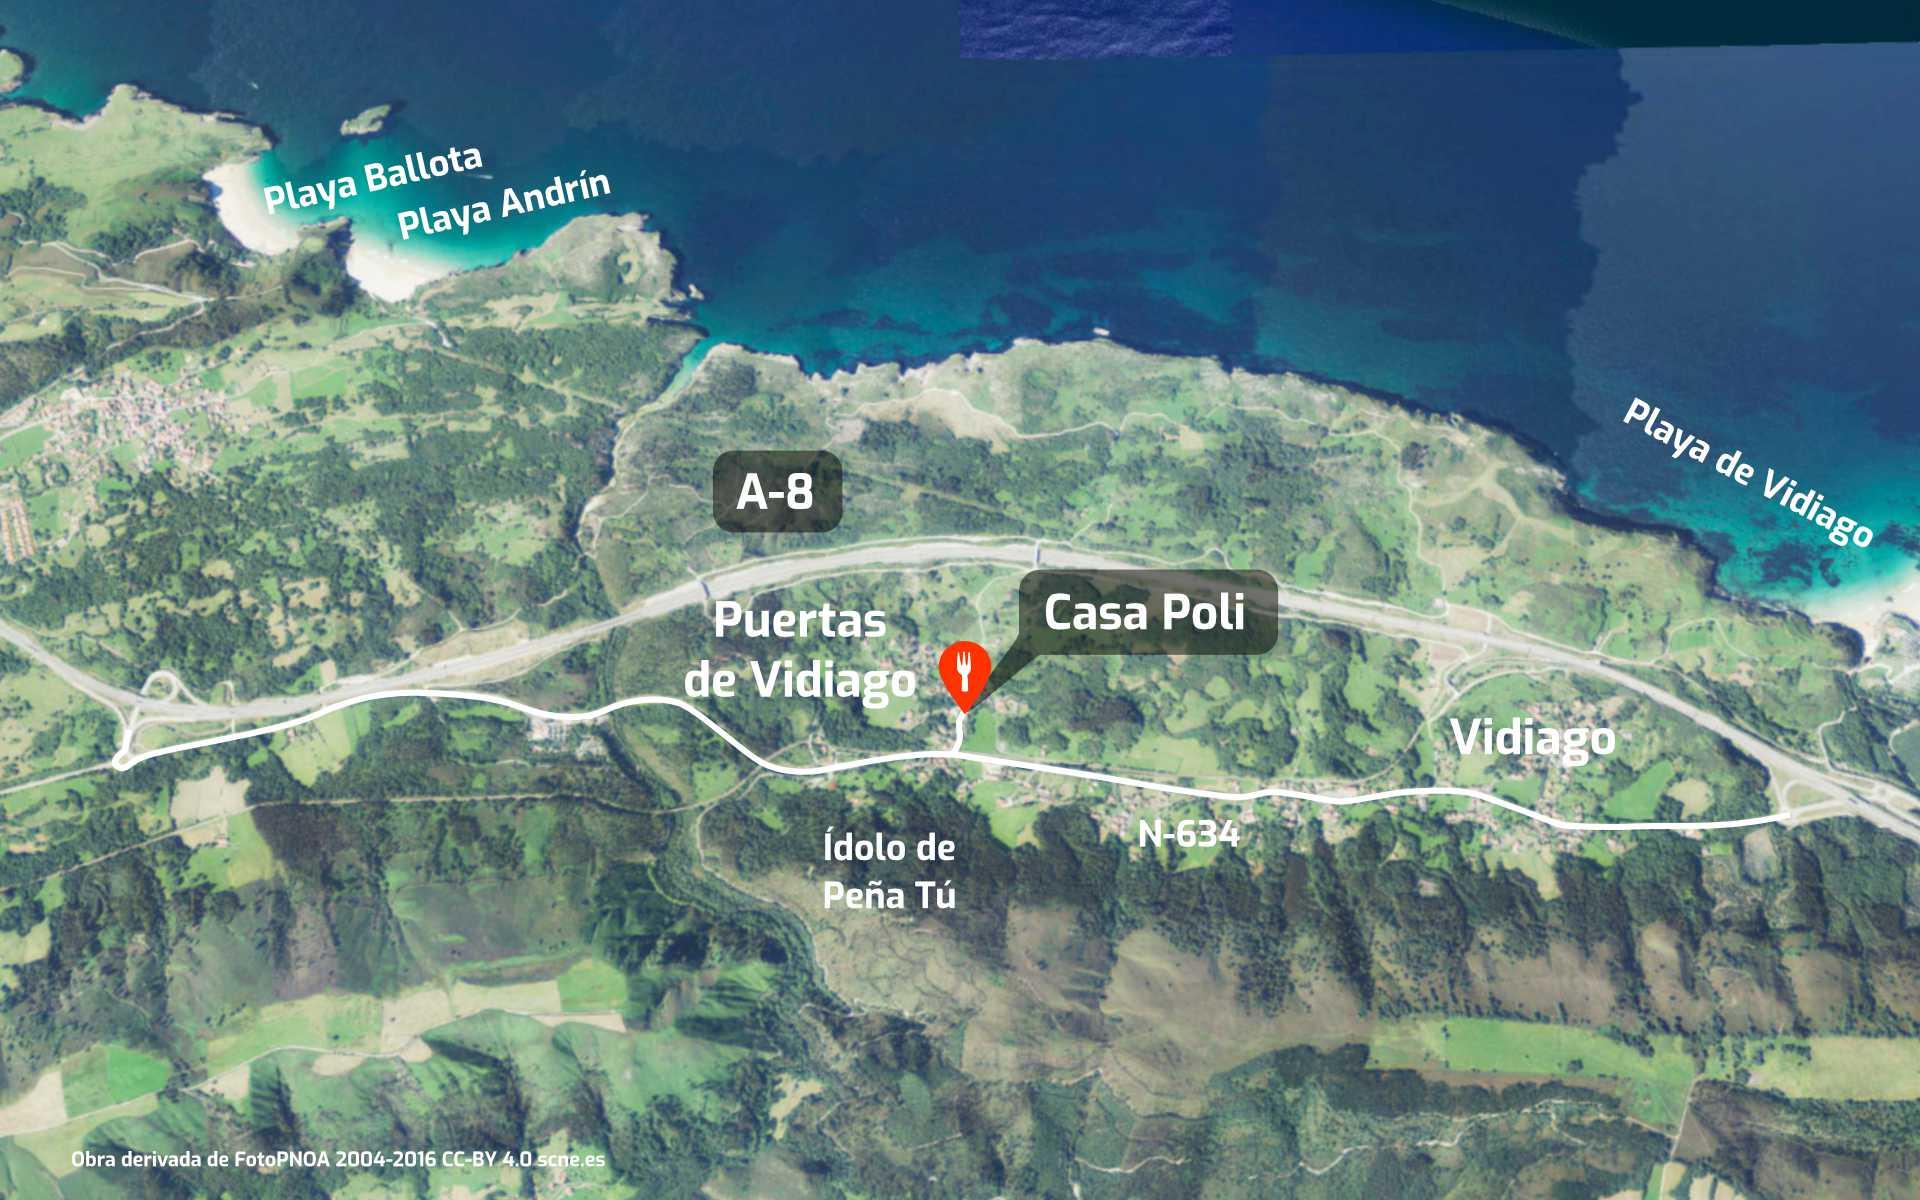 Cómo llegar al restaurante Caa Poli en Puertas de Vidiago, Llanes, Asturias